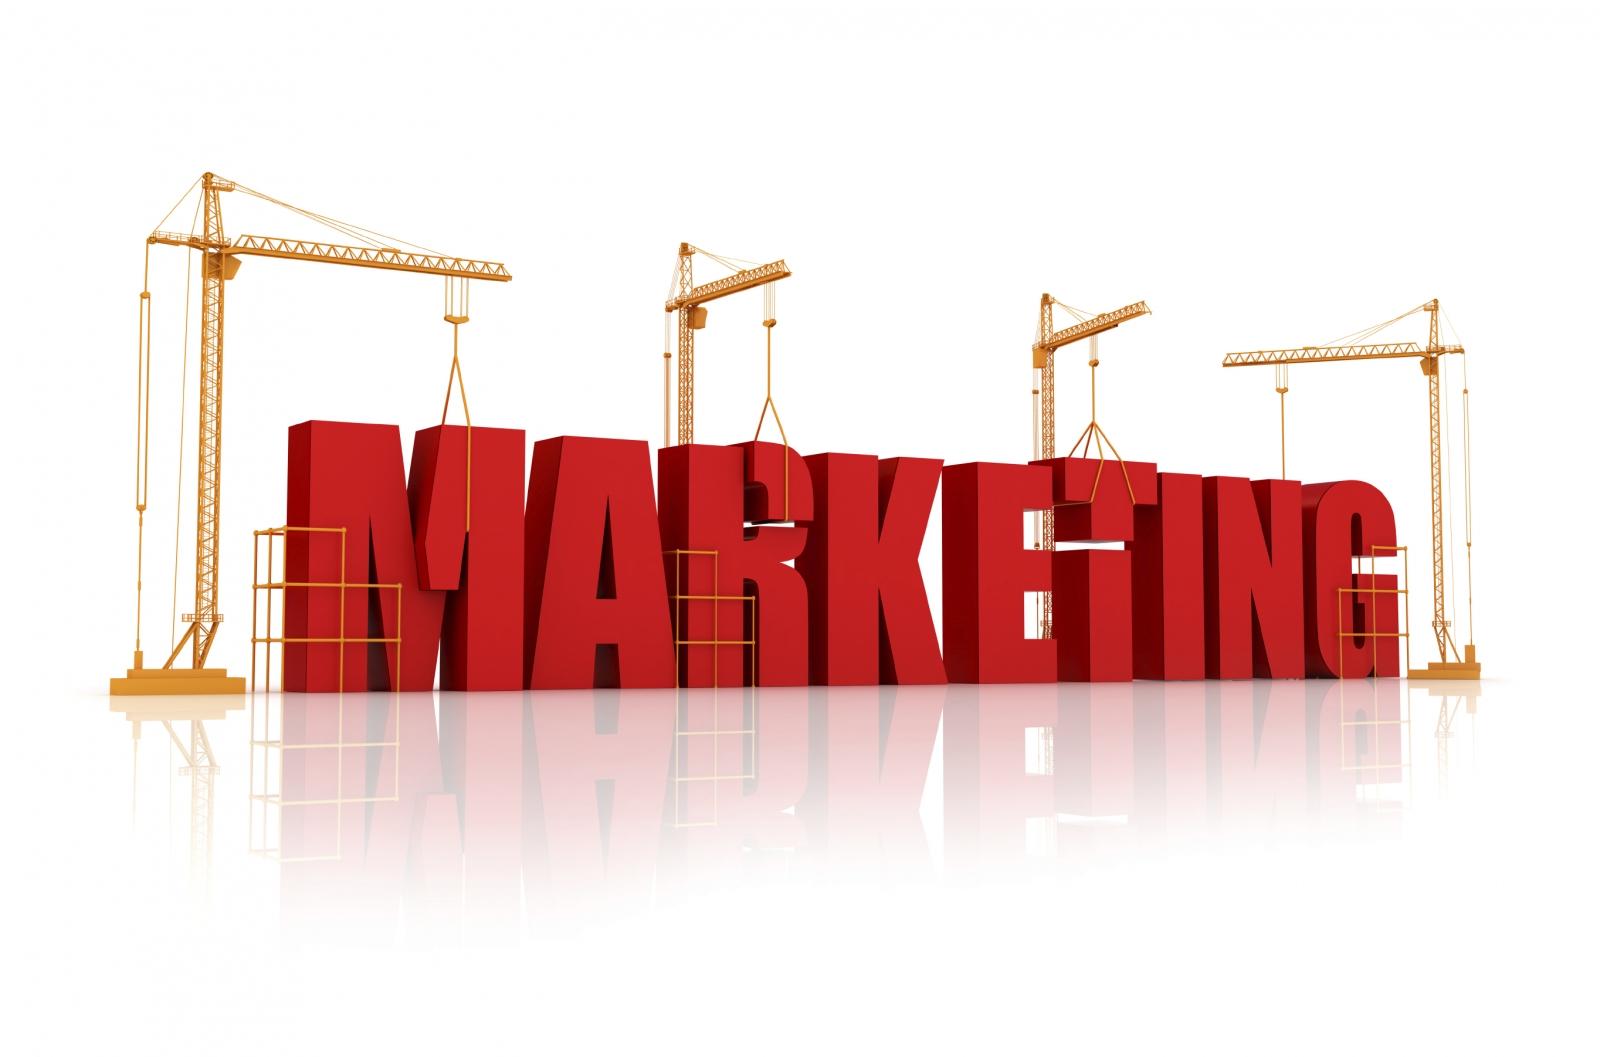 Dịch vụ marketing giá rẻ cho doanh nghiệp năm 2021